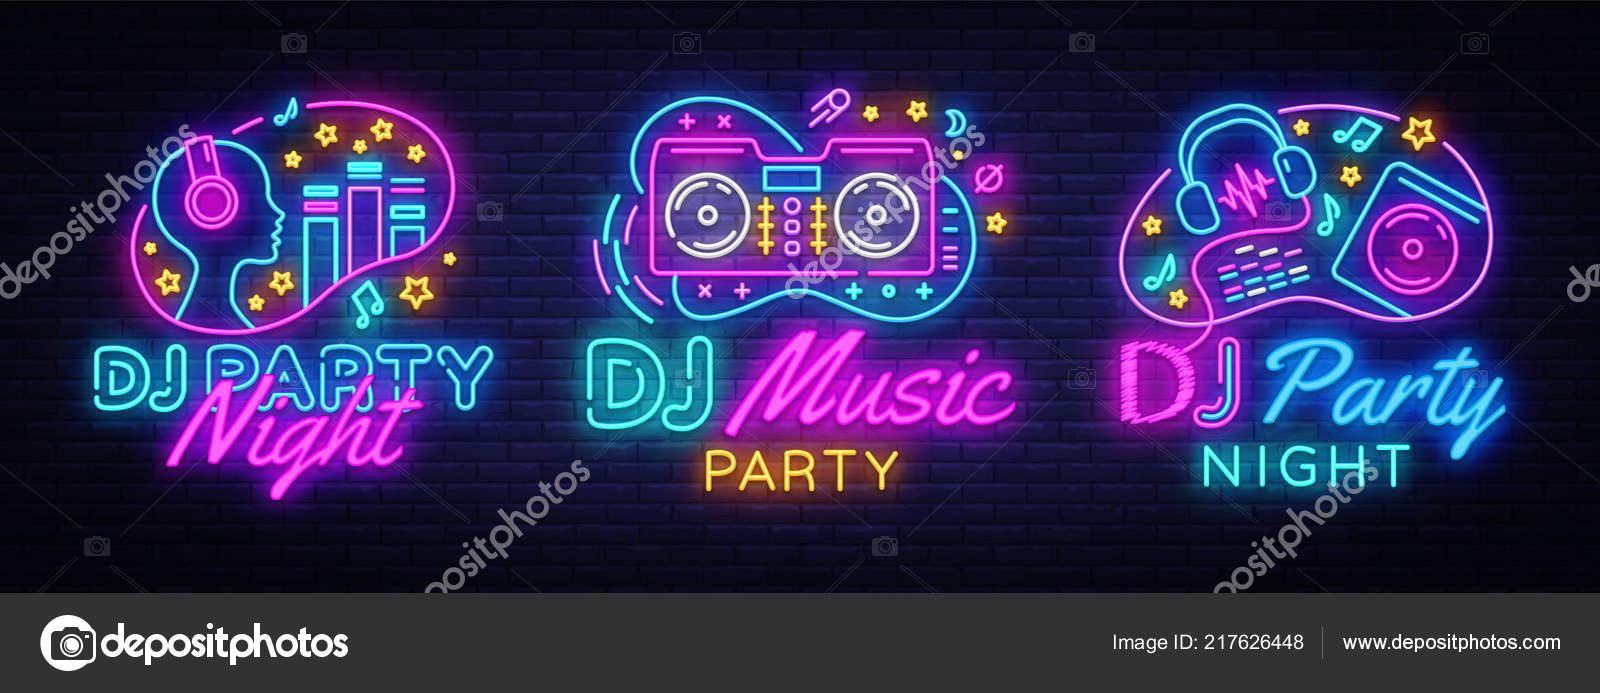 Música de DJ festa neon sign coleção vetor modelo de design